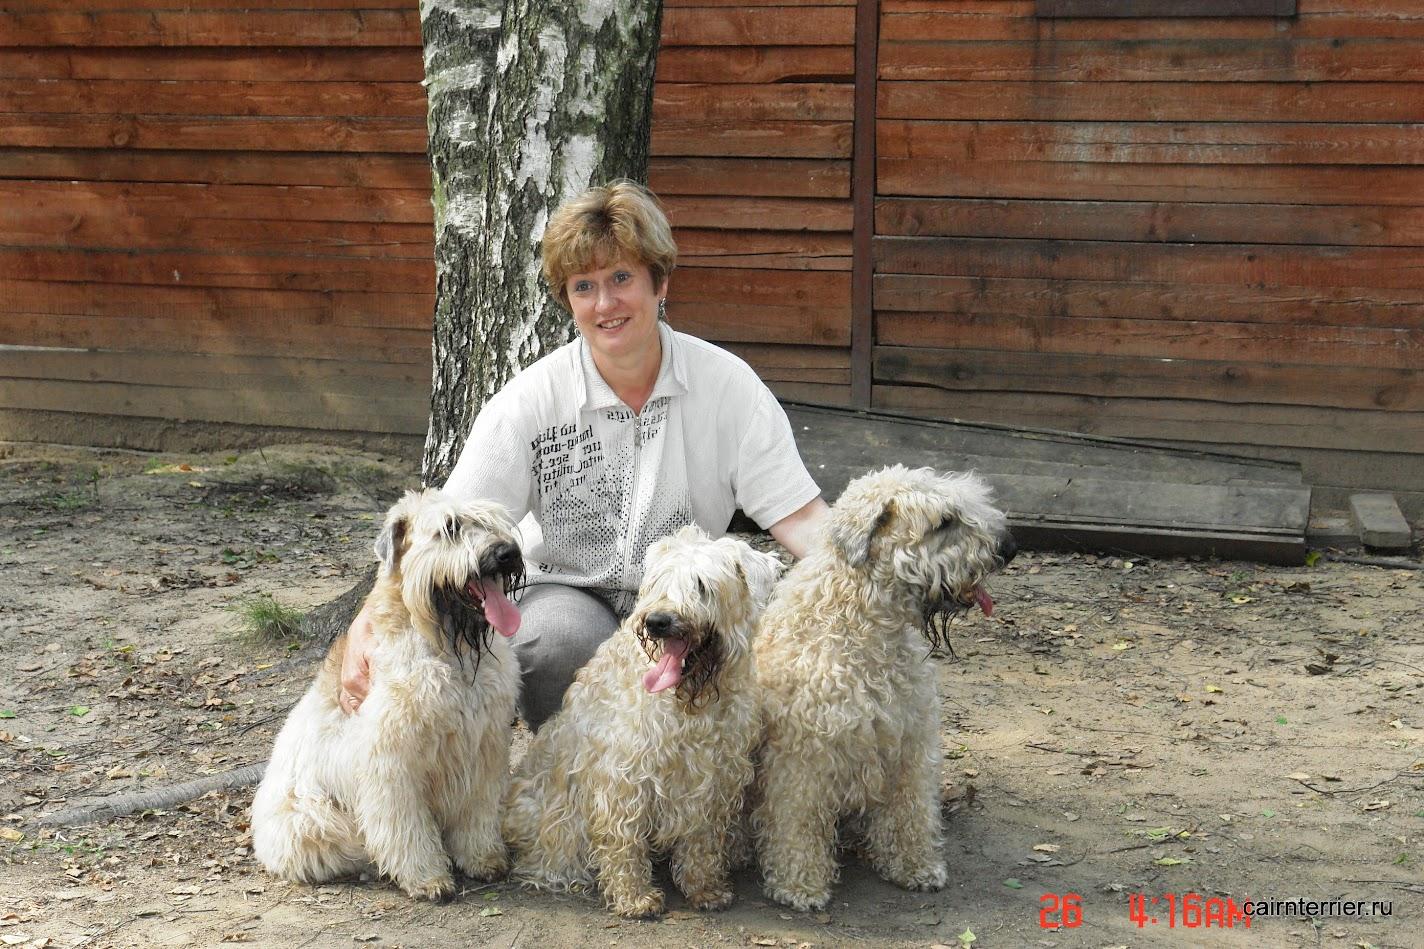 Сенашенко Екатерина. Судья ДОСААФ с 1988 г. Судья РКФ-FCI по всем породам собак с 2007 г.